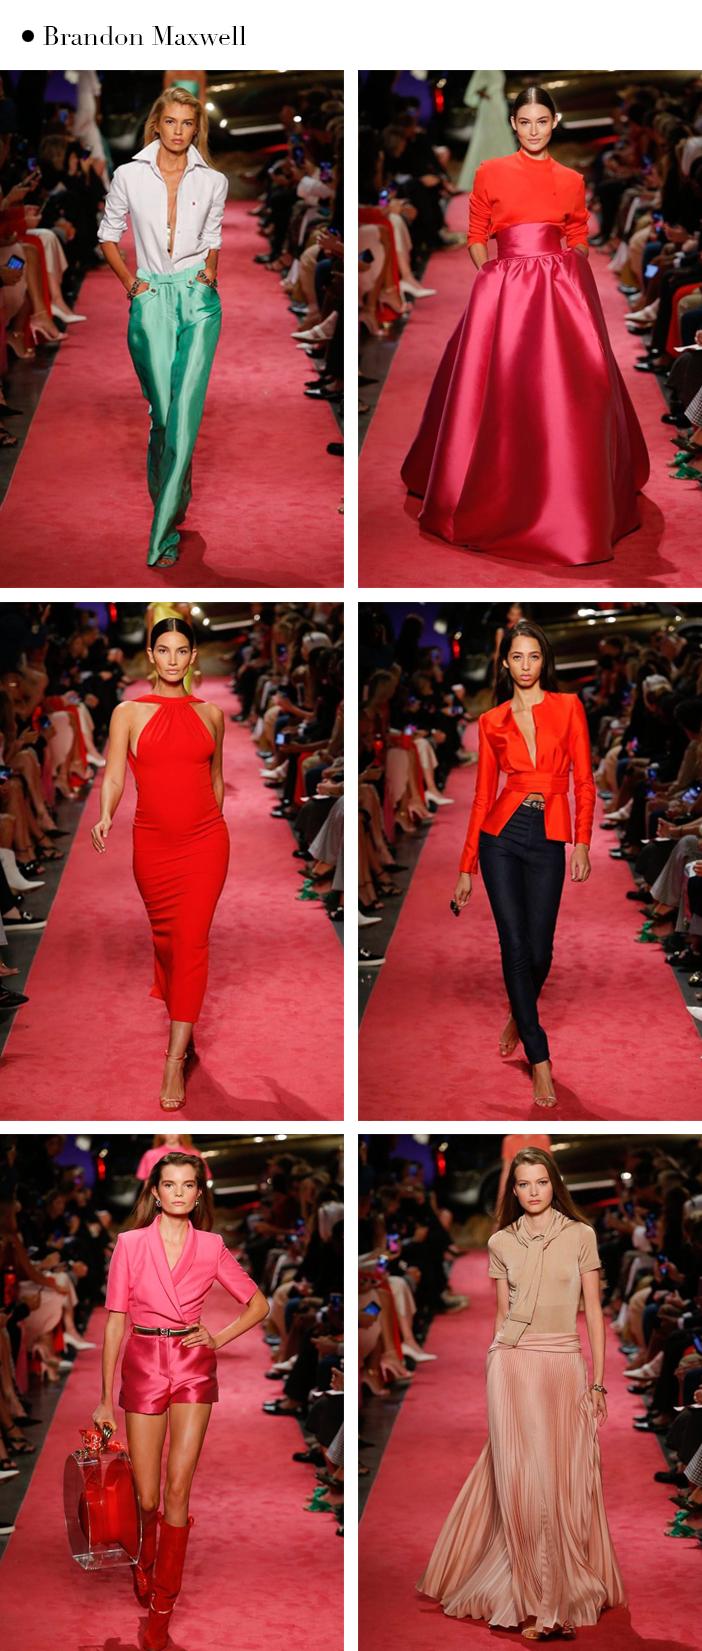 Semana de Moda de New York - Verão 2019 - Brandon Maxwell